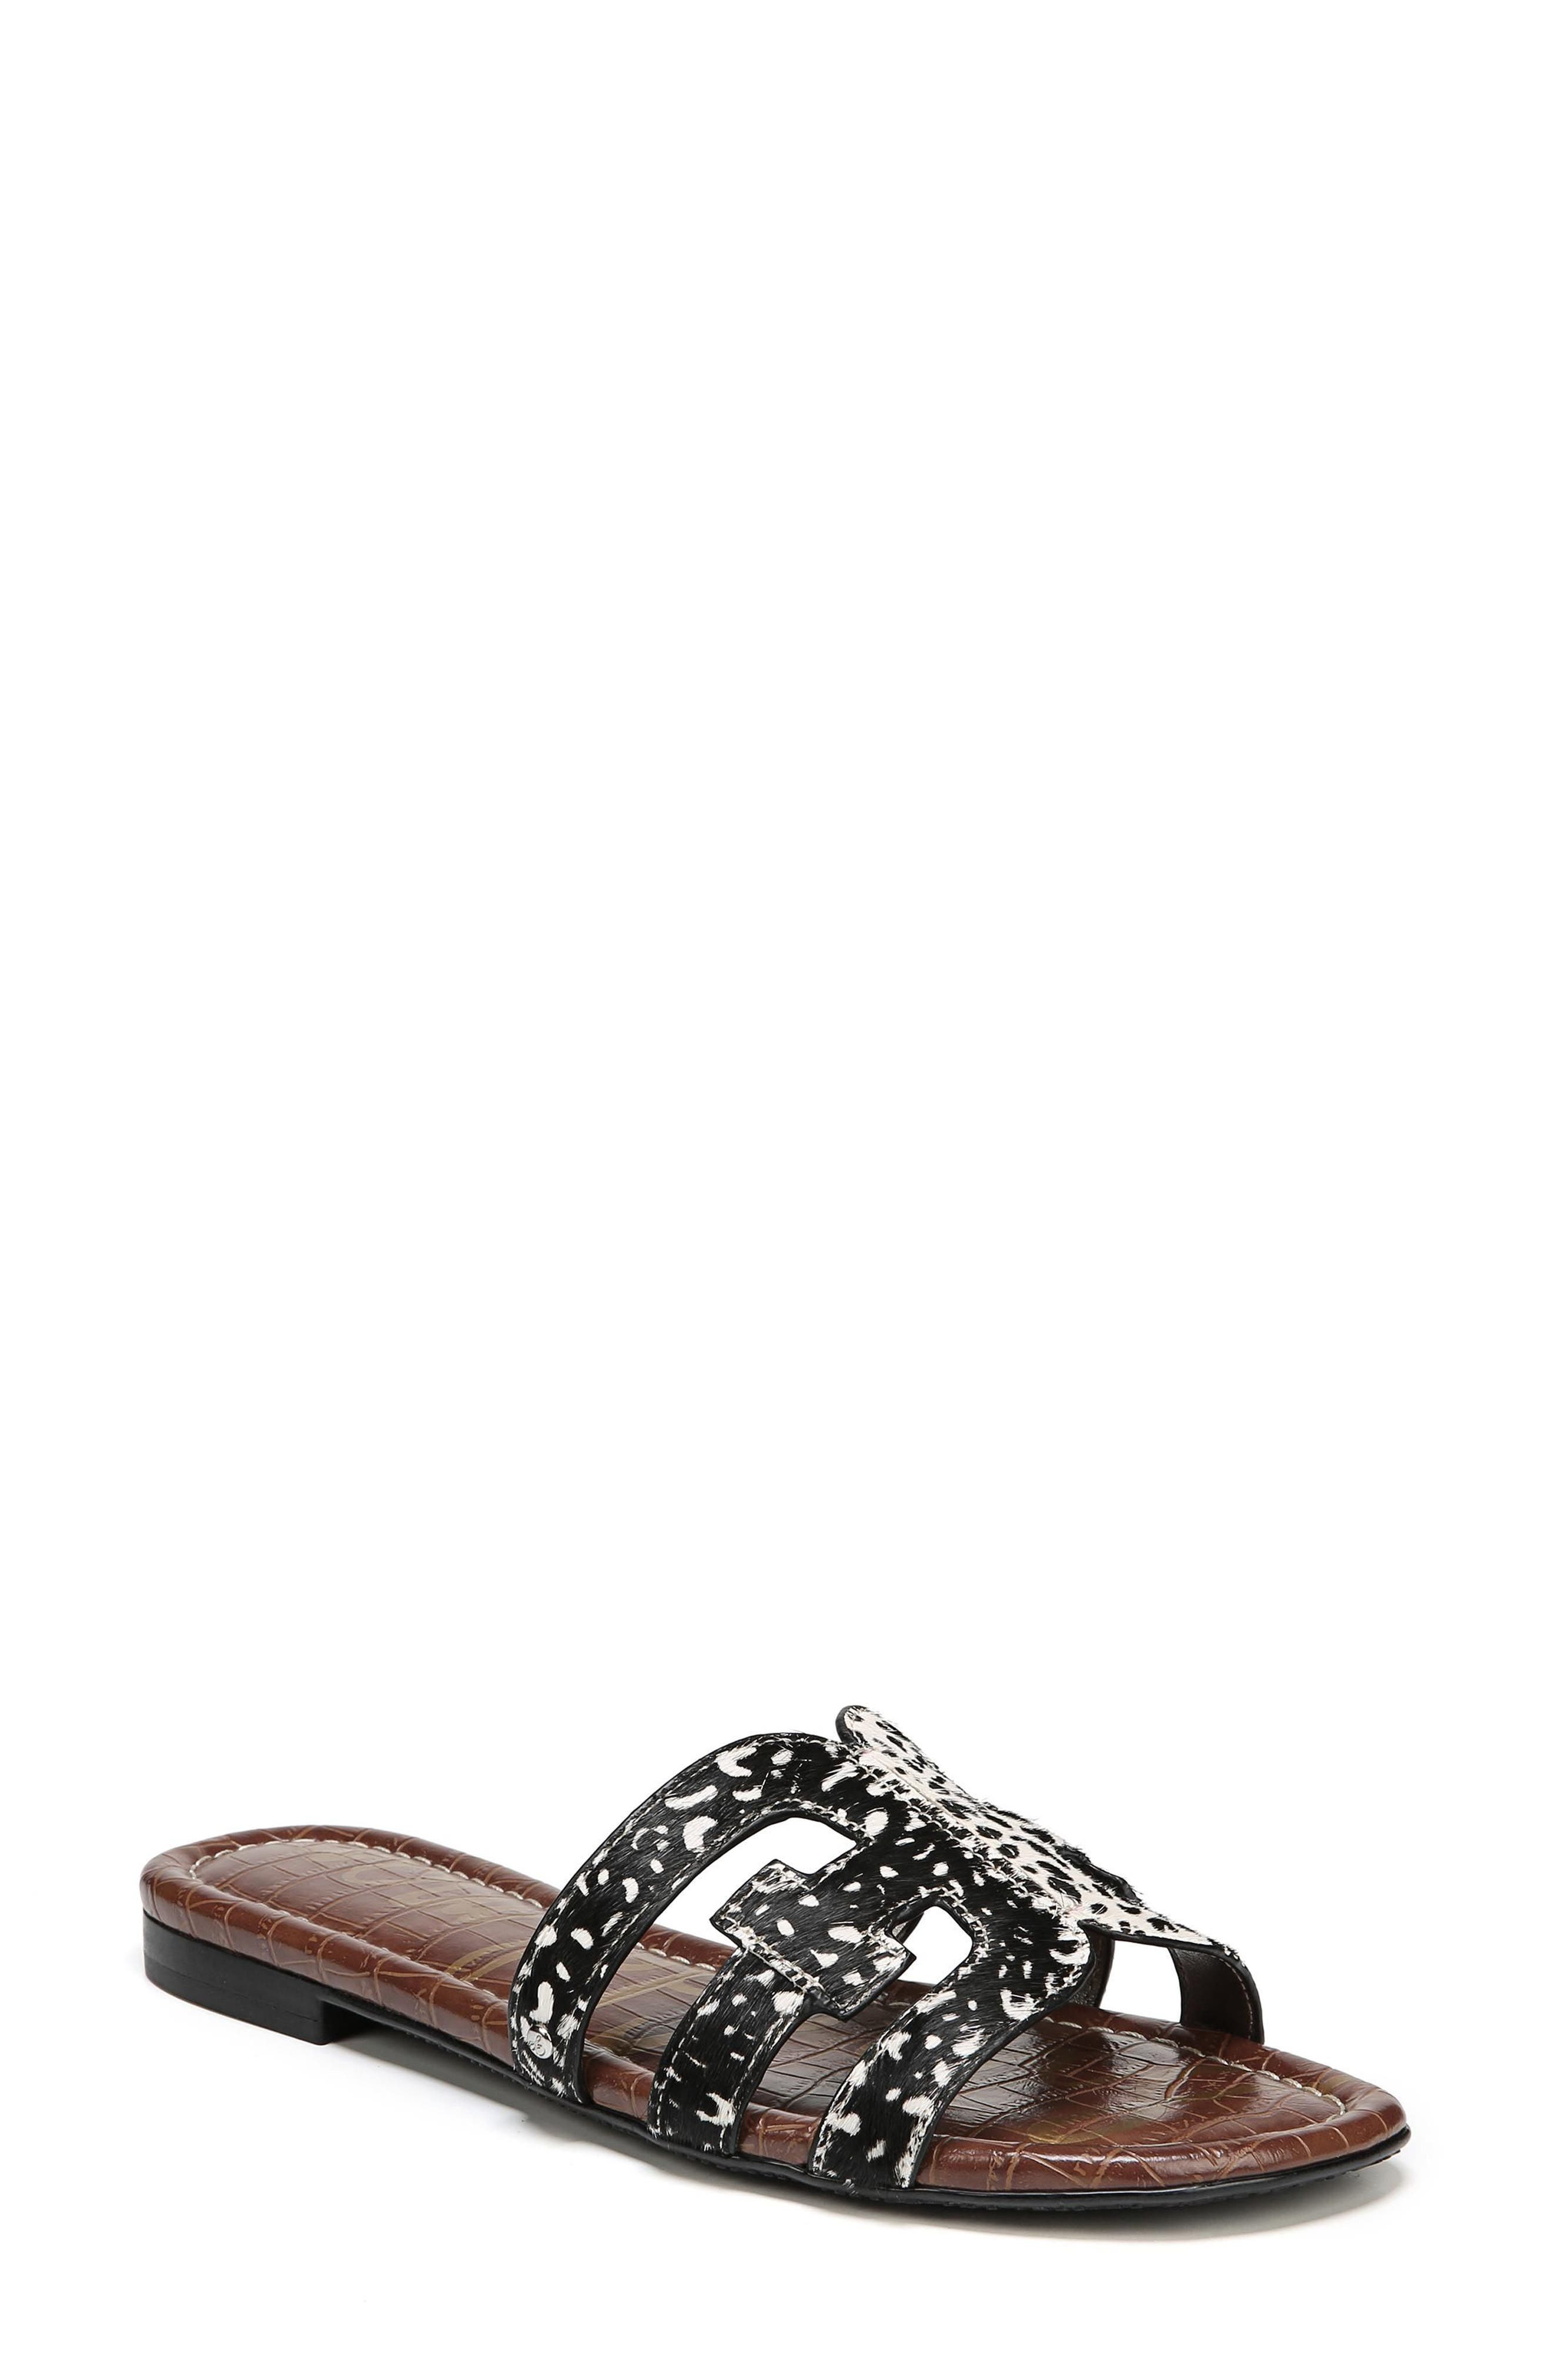 Bay Genuine Calf Hair Slide Sandal,                             Main thumbnail 1, color,                             BLACK/ IVORY BRAHMA HAIR